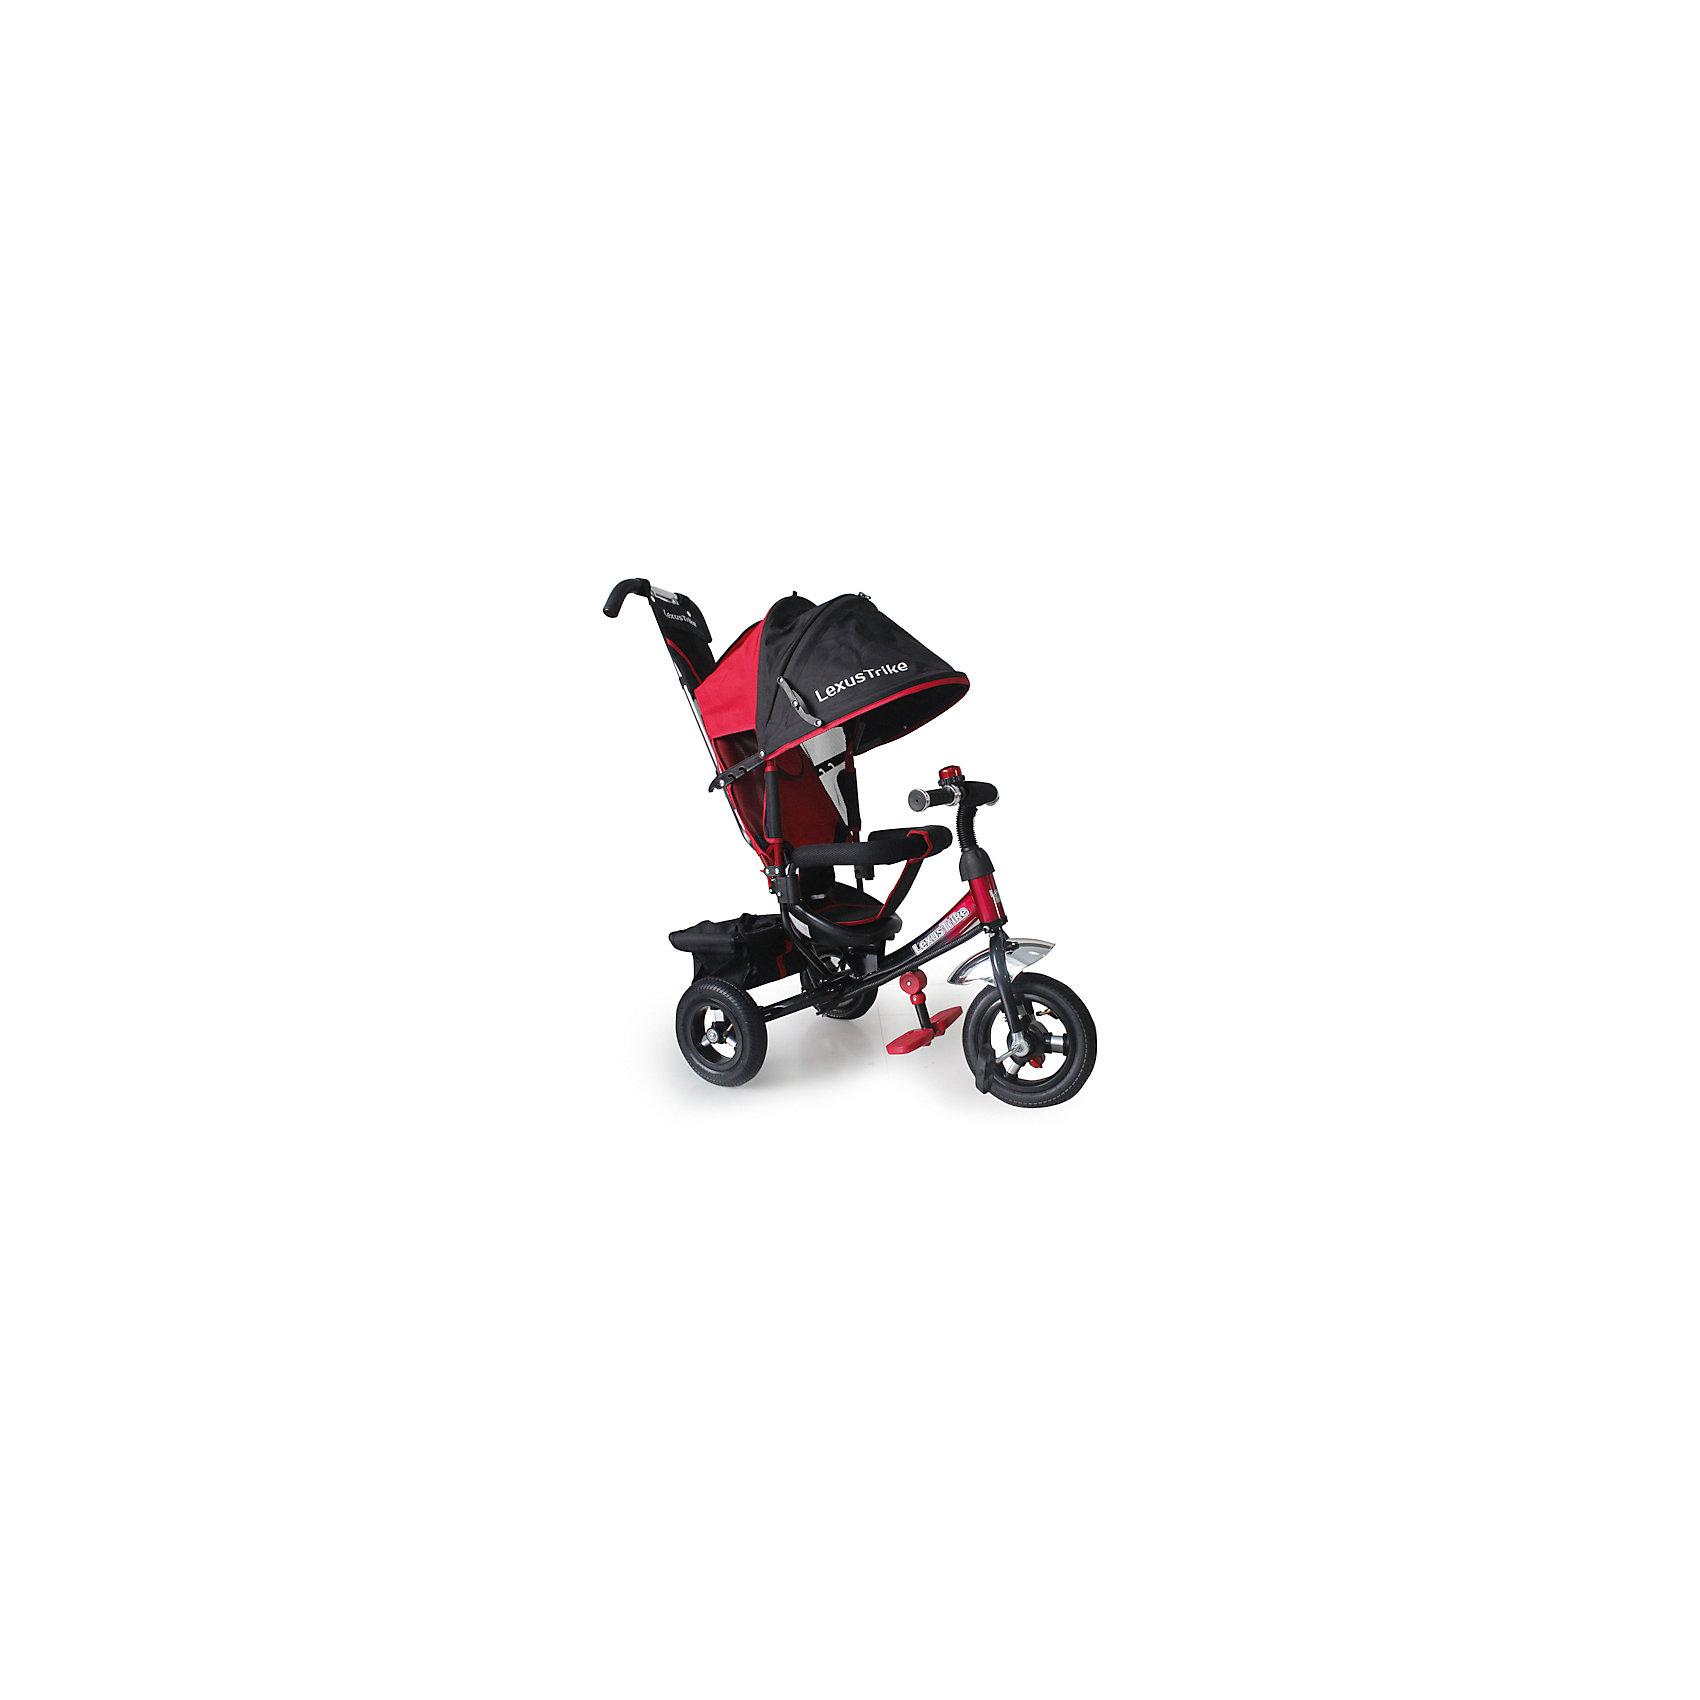 Трехколесный велосипед, регулир. спинка, красный, Lexus Trike LTВелосипеды детские<br>Характеристики товара:<br><br>• цвет: красный<br>• надувные резиновые колеса с алюминиевыми спицами и металлическими втулками <br>• диаметр колес: передние 25 см (10) с функцией свободного хода, задние 20 см (8)<br>• двойная телескопическая родительская ручка с мягкими рукоятками из пористой резины и сумочкой<br>• спинка с регулируемым углом наклона (3 положения) <br>• складная подставкя для ног<br>• складной тент колясочного типа с фиксаторами положения и окошком<br>• покрытое мягкой тканью сидение с двухточечным ремнем безопасности<br>• подголовник на спинке<br>• стопоры задних колёс<br>• регулируемая поворотная рычаг-спица<br>• раздвижная дуга безопасности с мягкими подлокотниками из пористой резины<br>• багажная корзина с крышкой<br>• звонок<br>• вес: 12,8 кг<br>• размер в собранном виде: 47х110х81 см<br>• допустимый вес: до 25 кг<br>• рекомендуемый возраст: от 1 до 3 лет<br>• габариты упаковки: 38х30х63 см<br>• страна производства: Китай<br><br>Трехколесный велосипед Lexus Trike LT можно купить в нашем магазине.<br><br>Ширина мм: 810<br>Глубина мм: 470<br>Высота мм: 1100<br>Вес г: 12800<br>Возраст от месяцев: 12<br>Возраст до месяцев: 36<br>Пол: Женский<br>Возраст: Детский<br>SKU: 5526363